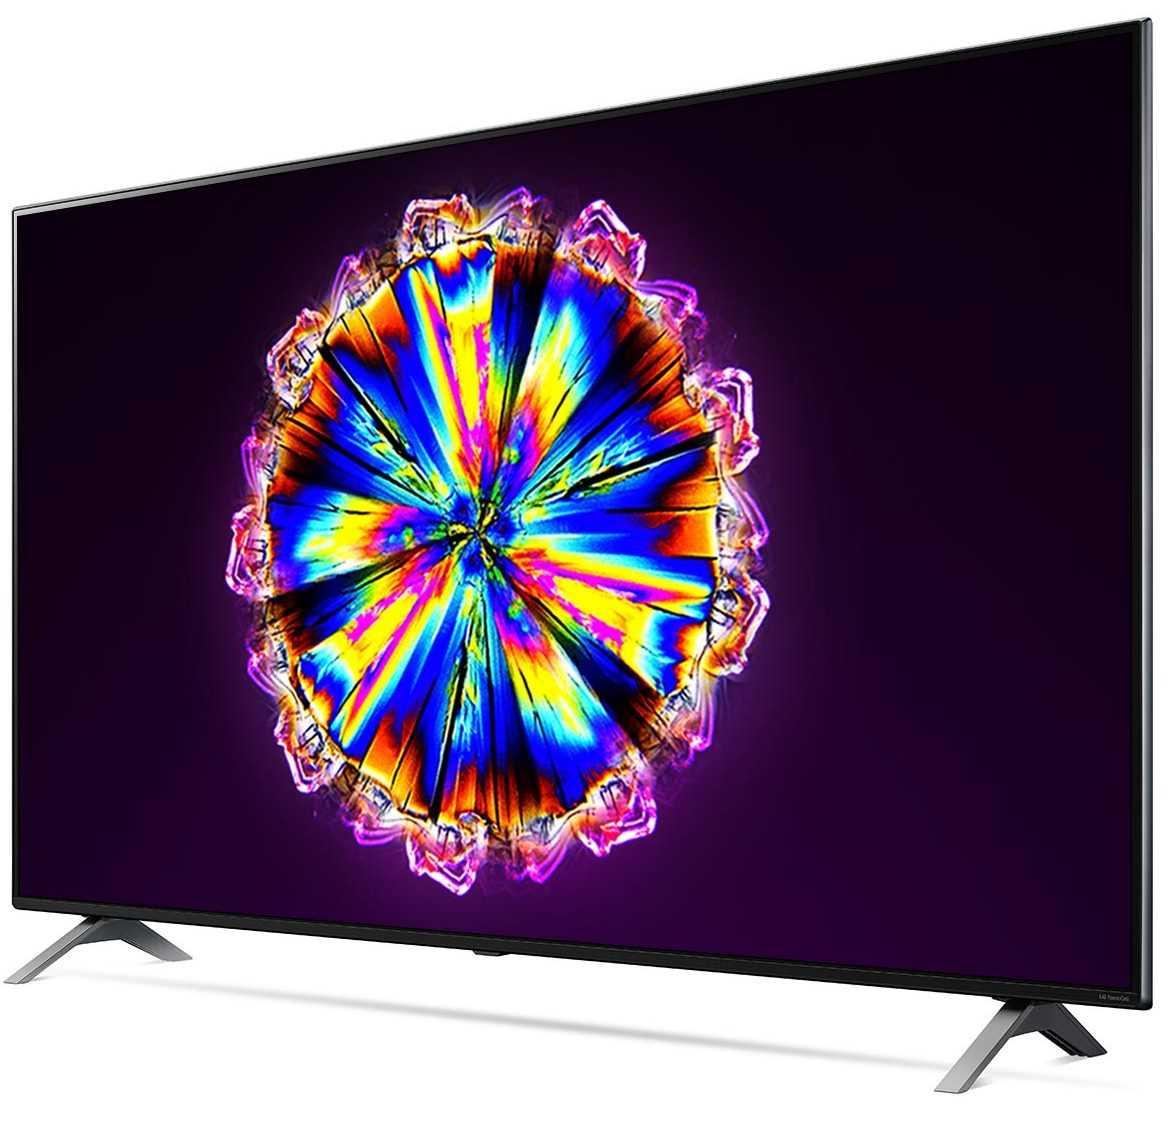 טלוויזיה בגודל 75